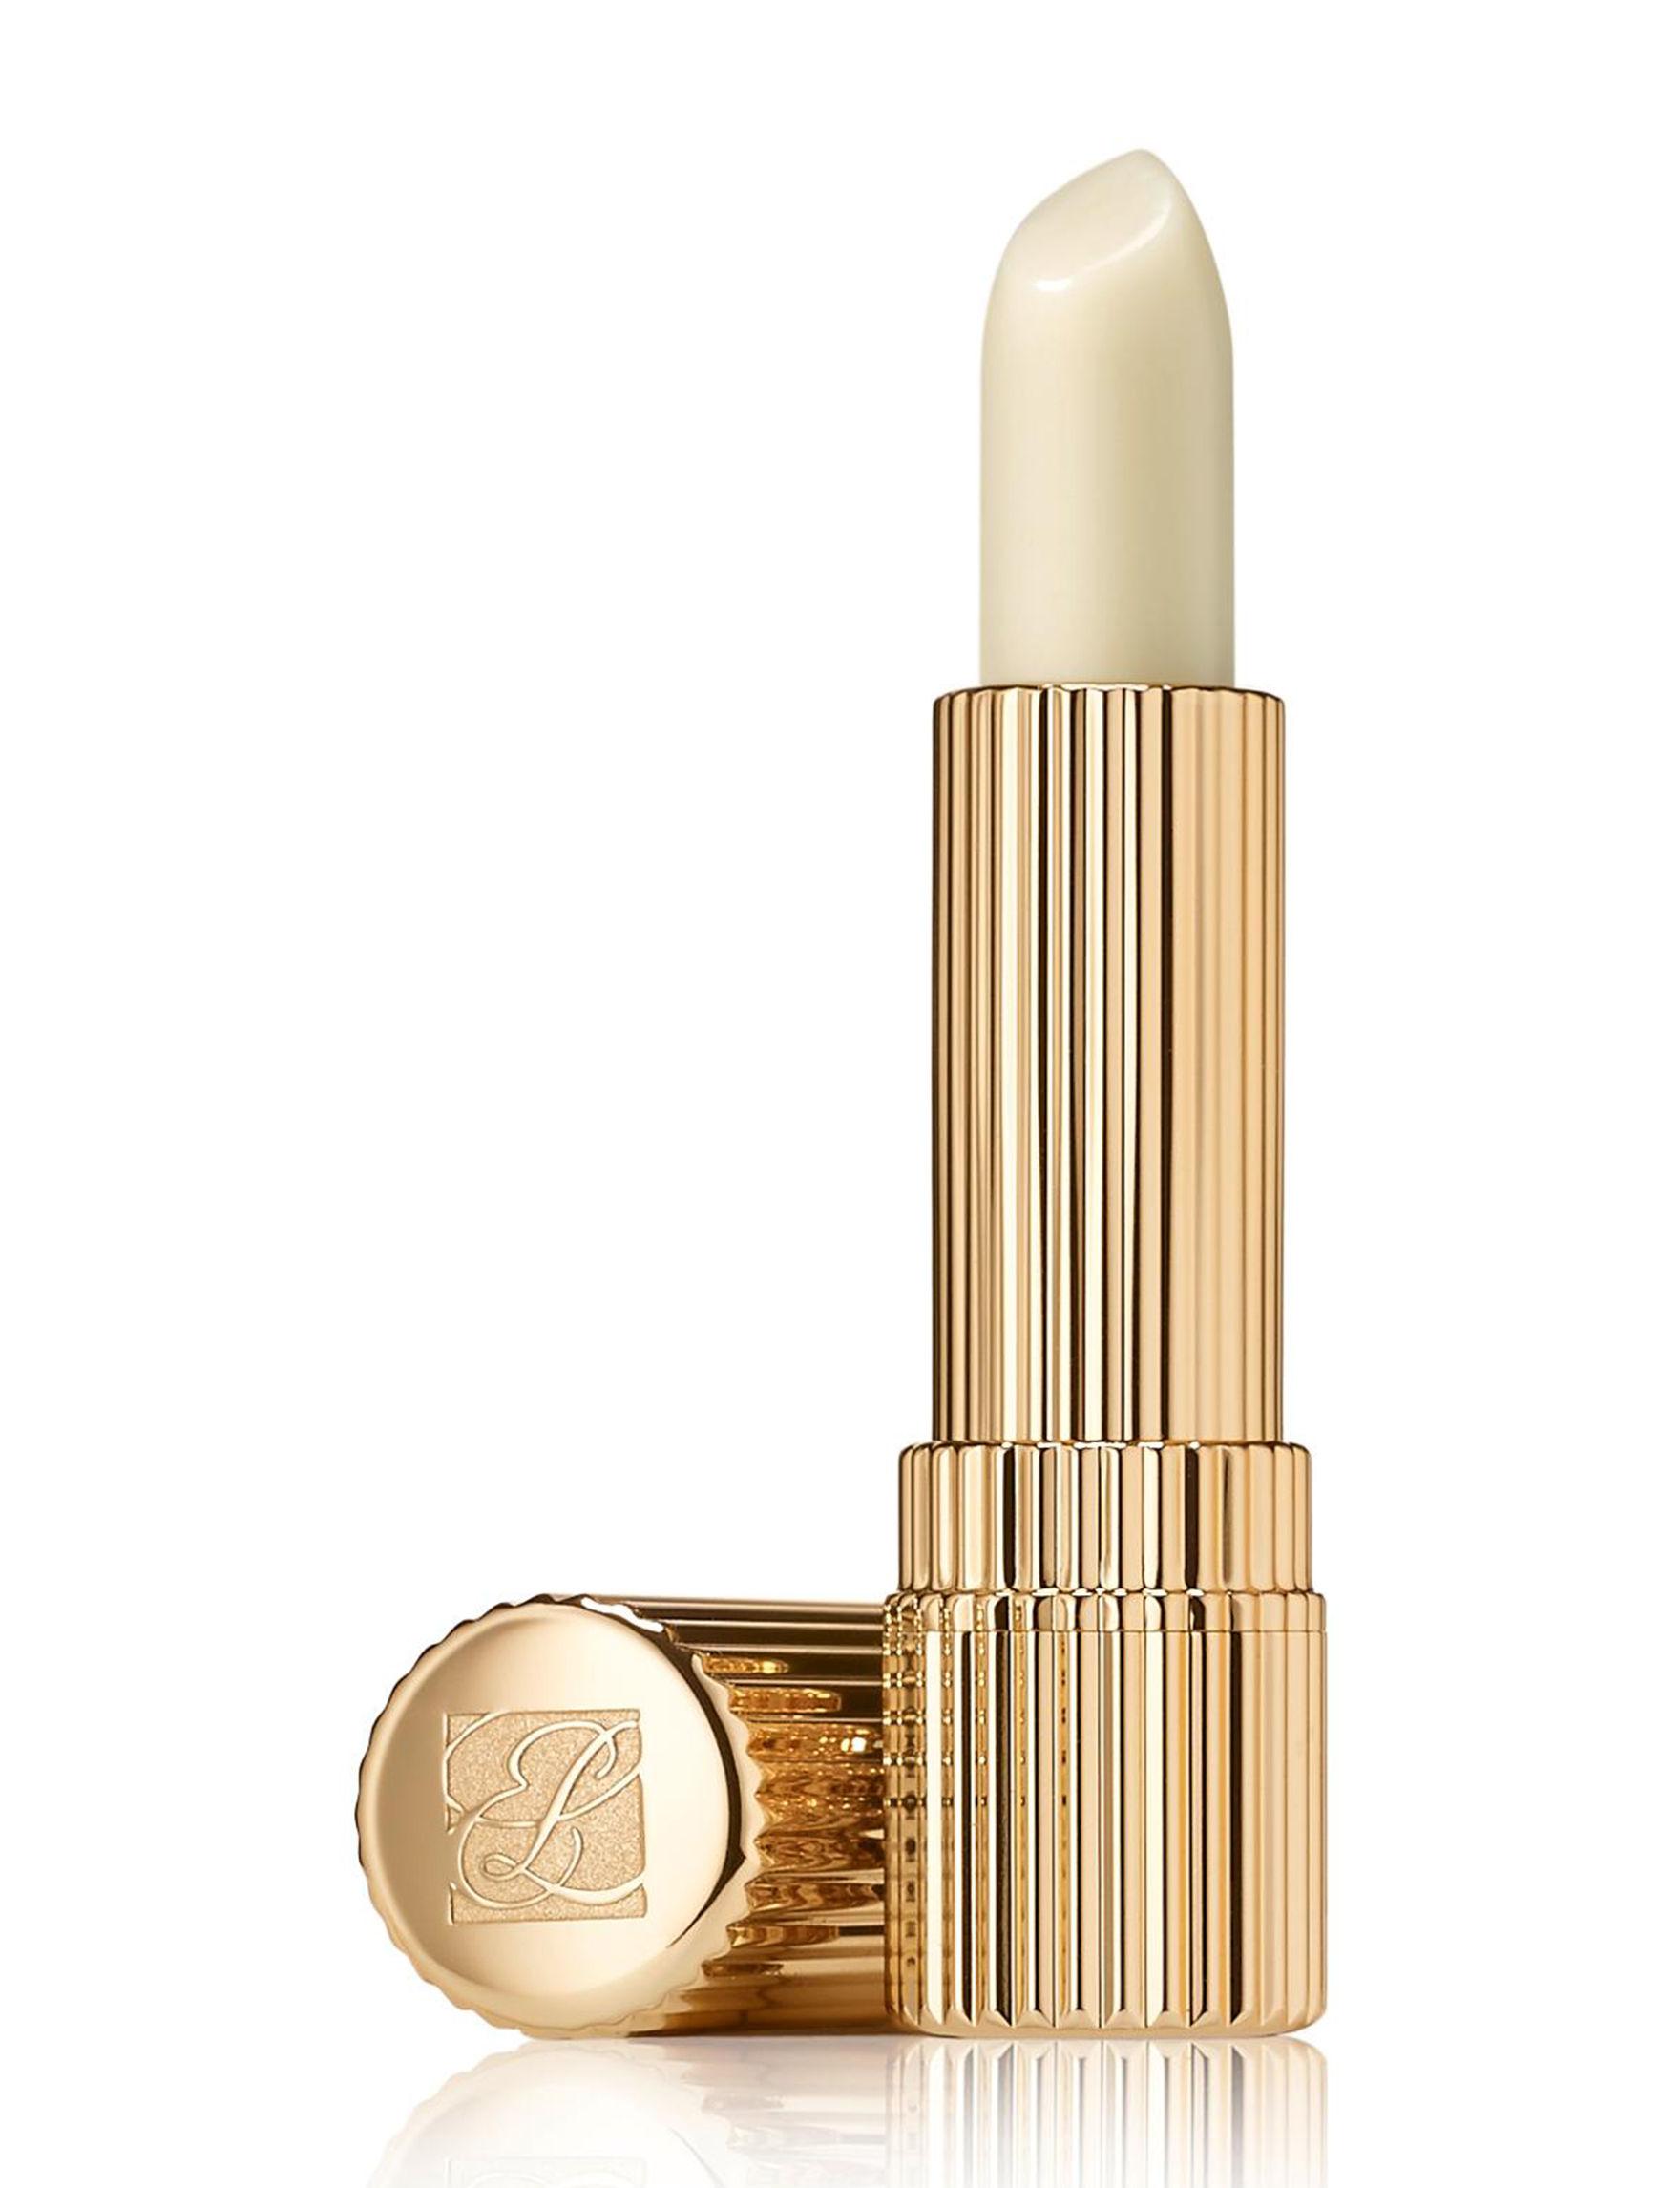 Estee Lauder Beige Lips Lipstick